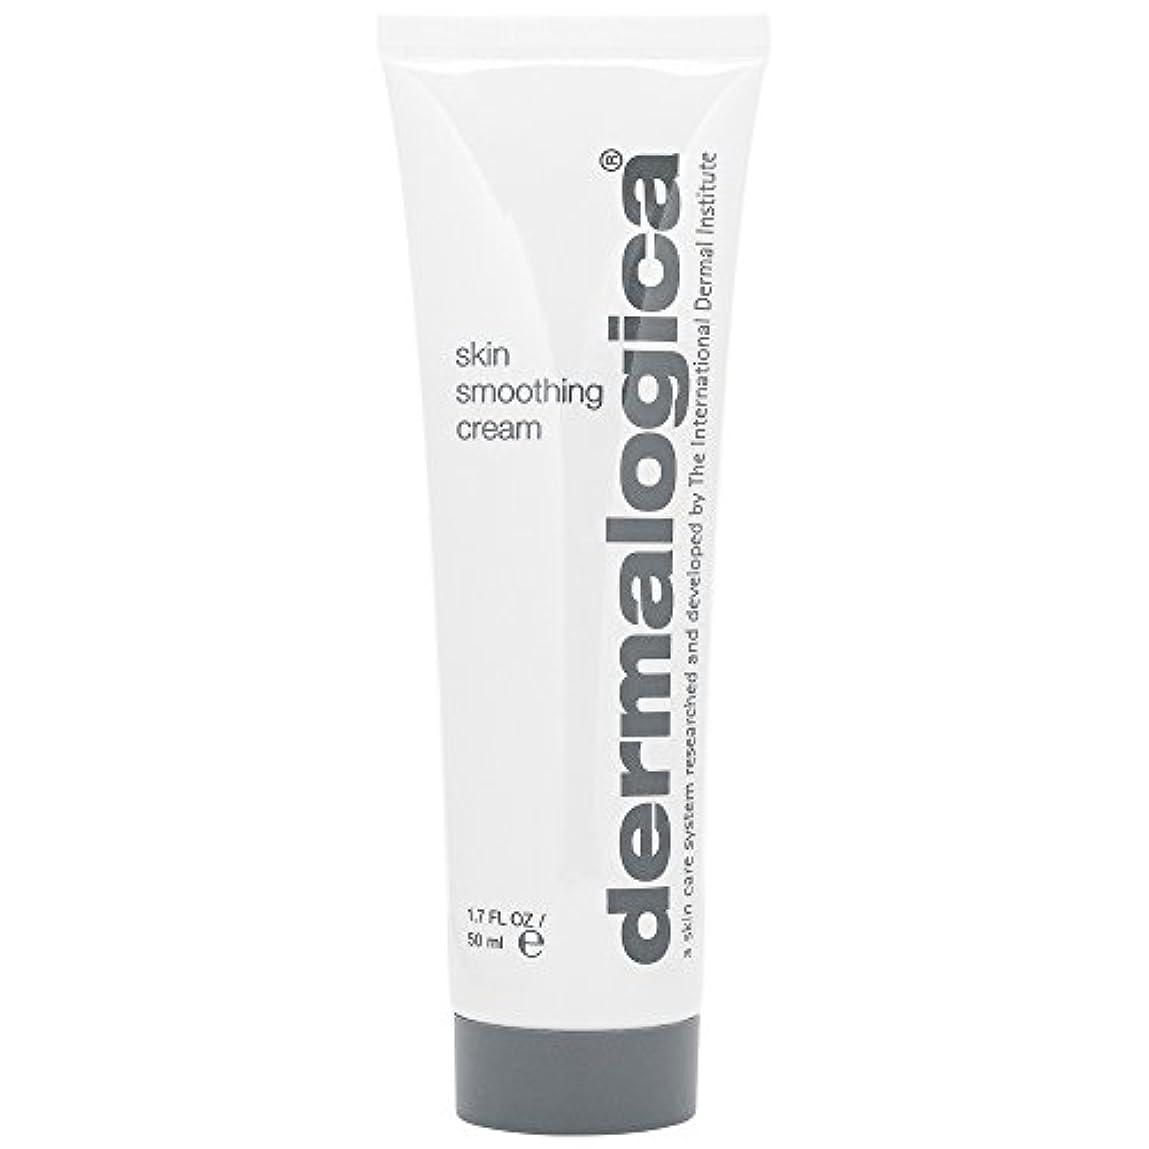 性能国家中世のダーマロジカスキンスムージングクリーム50ミリリットル (Dermalogica) (x2) - Dermalogica Skin Smoothing Cream 50ml (Pack of 2) [並行輸入品]